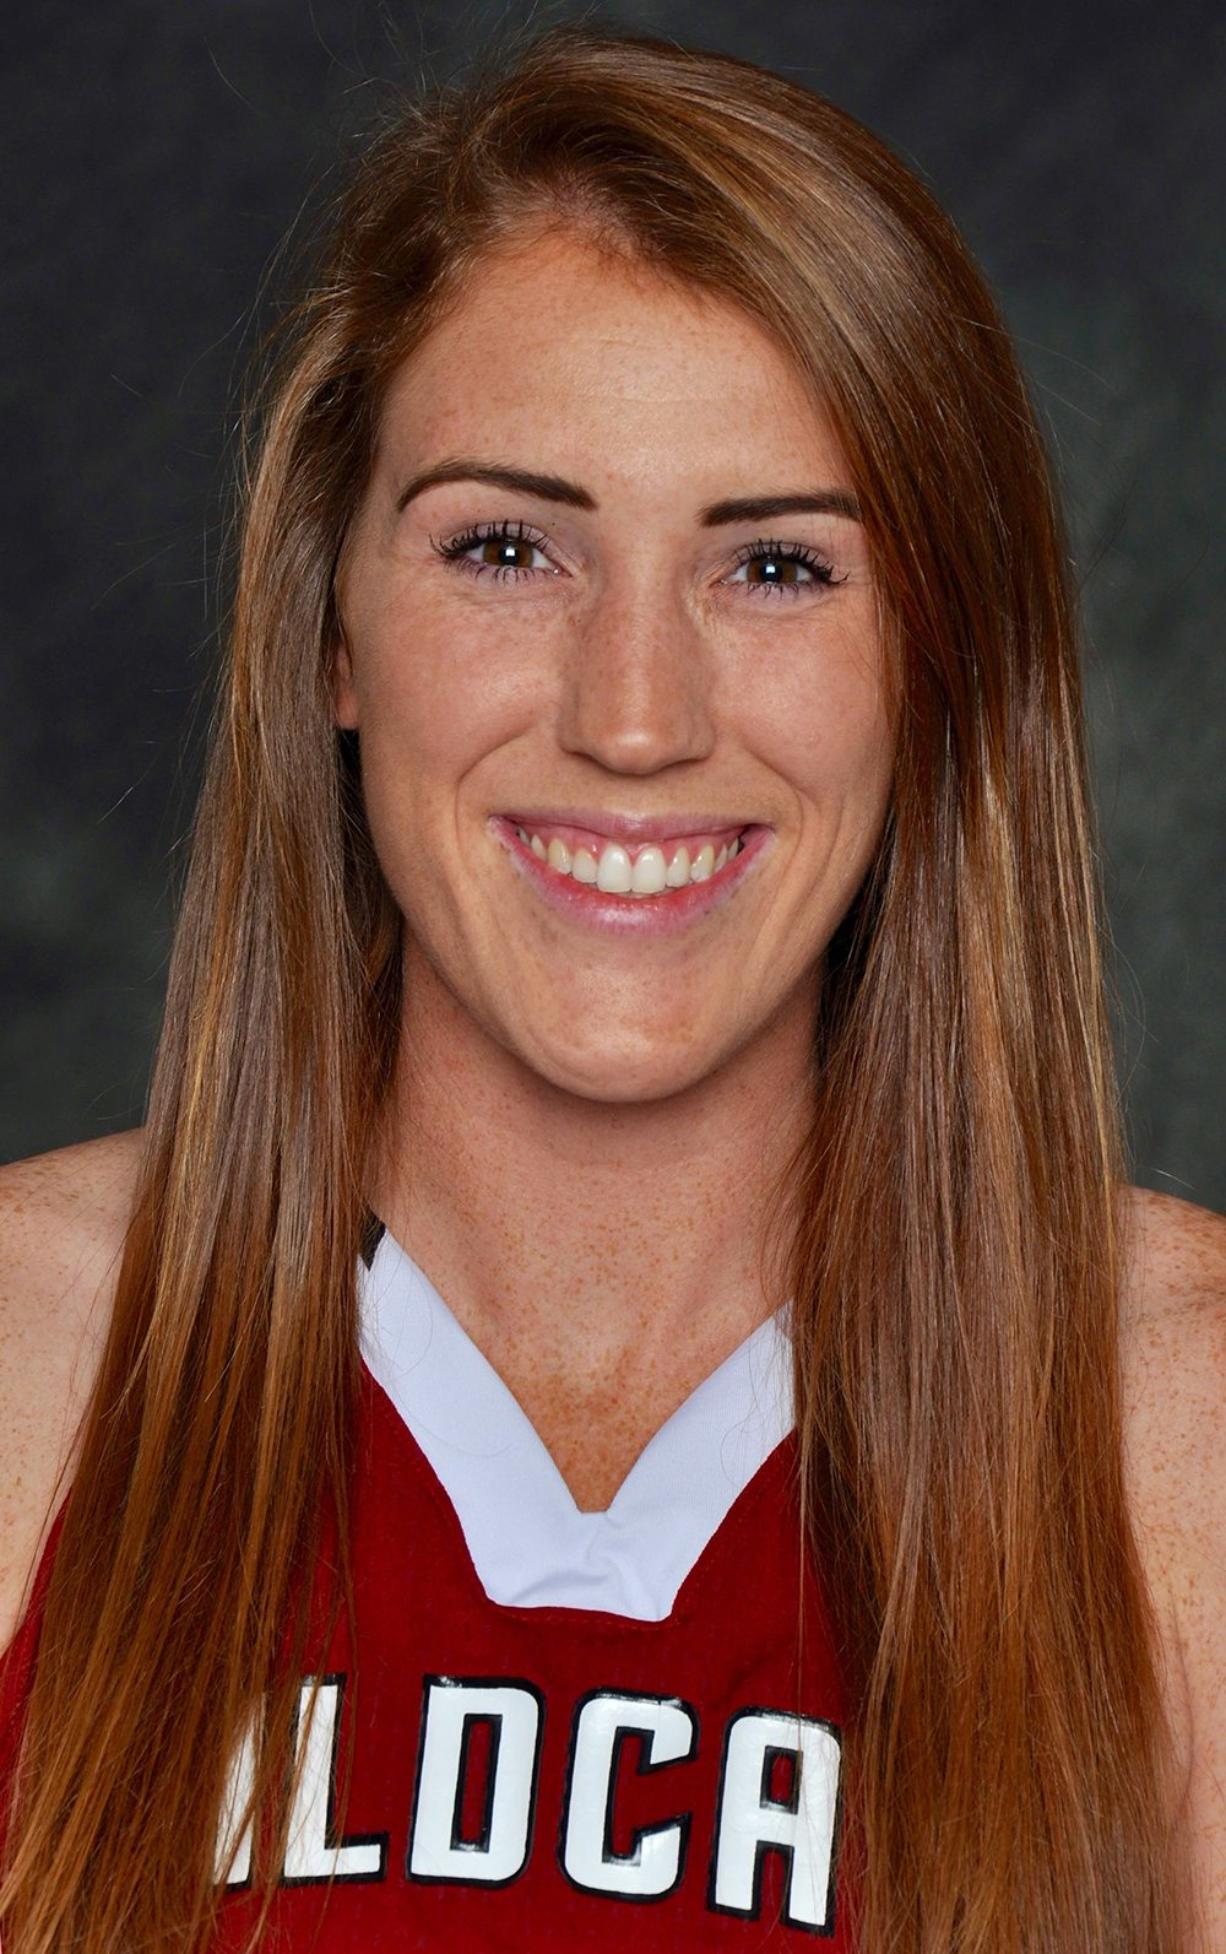 Brooke Bowen, Chico State University women's basketball.